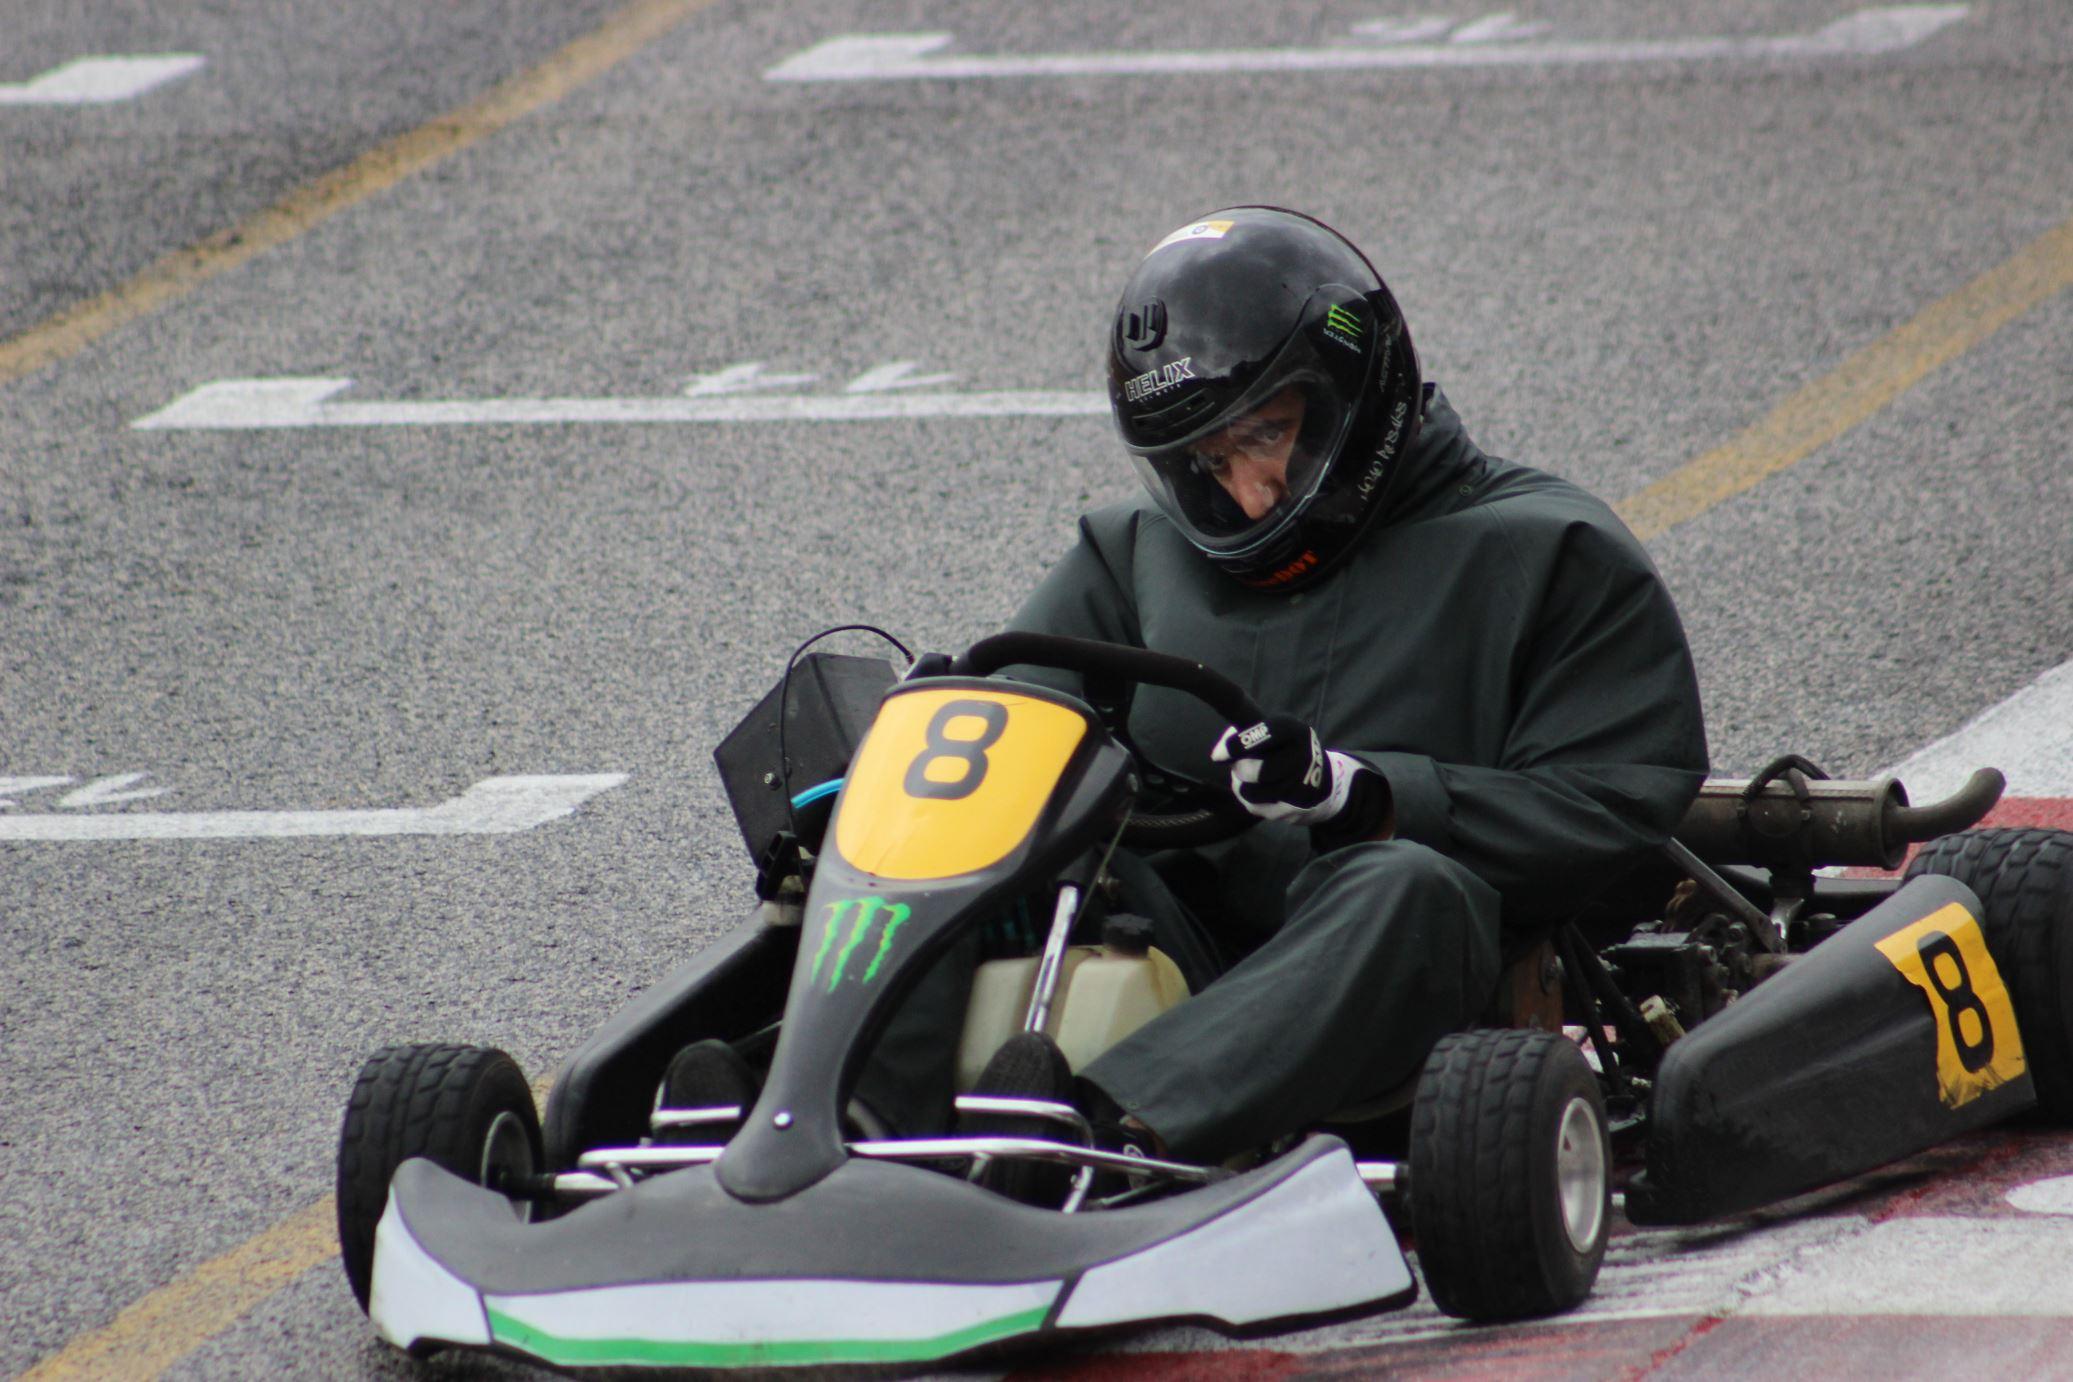 Troféu Honda 2014 - 2ª Prova135